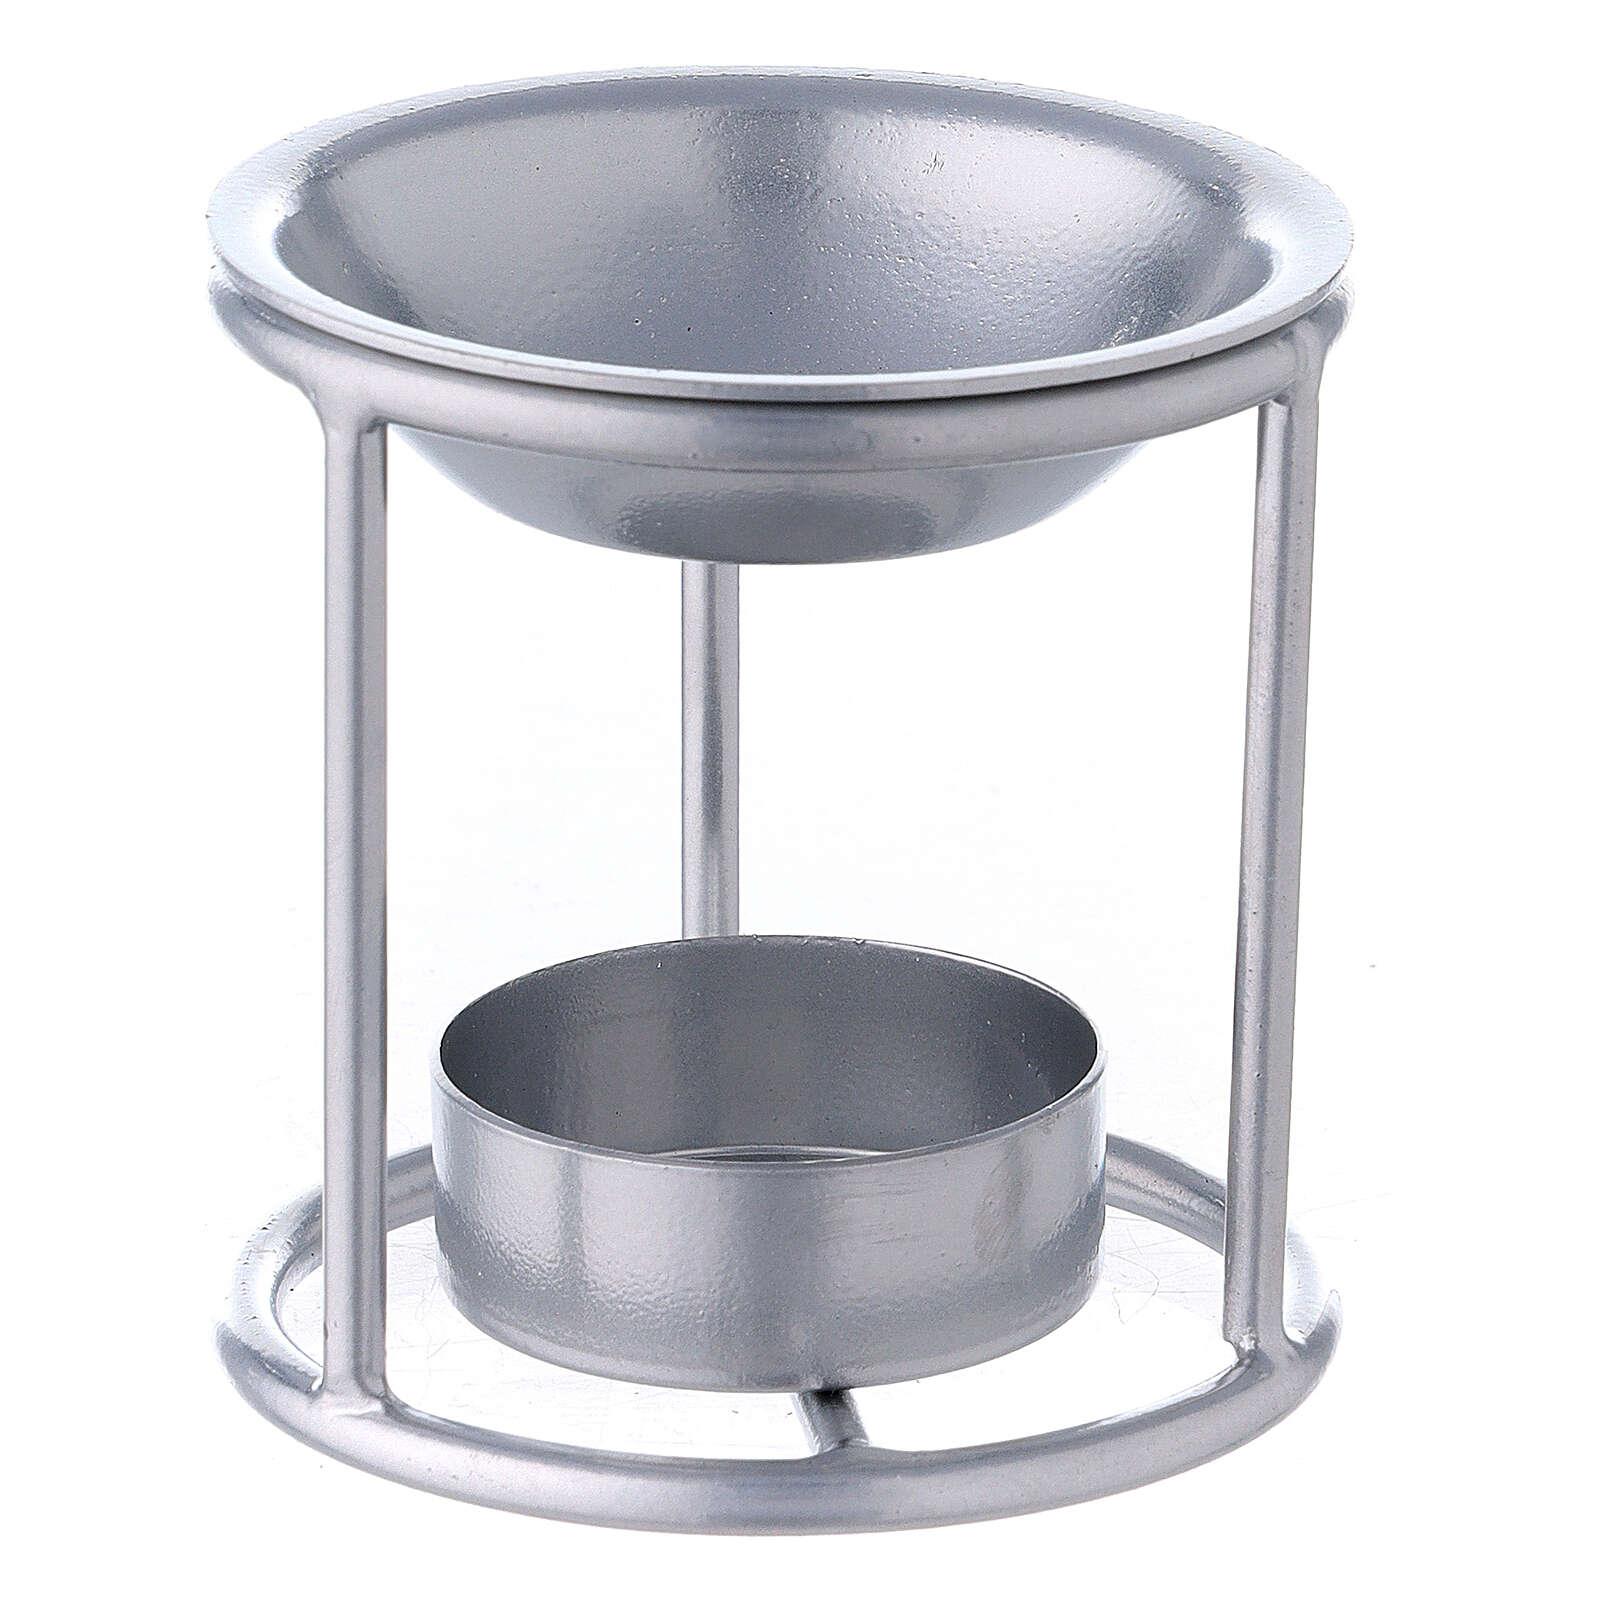 Pebetero estructura recta hierro color plata 7 cm 3